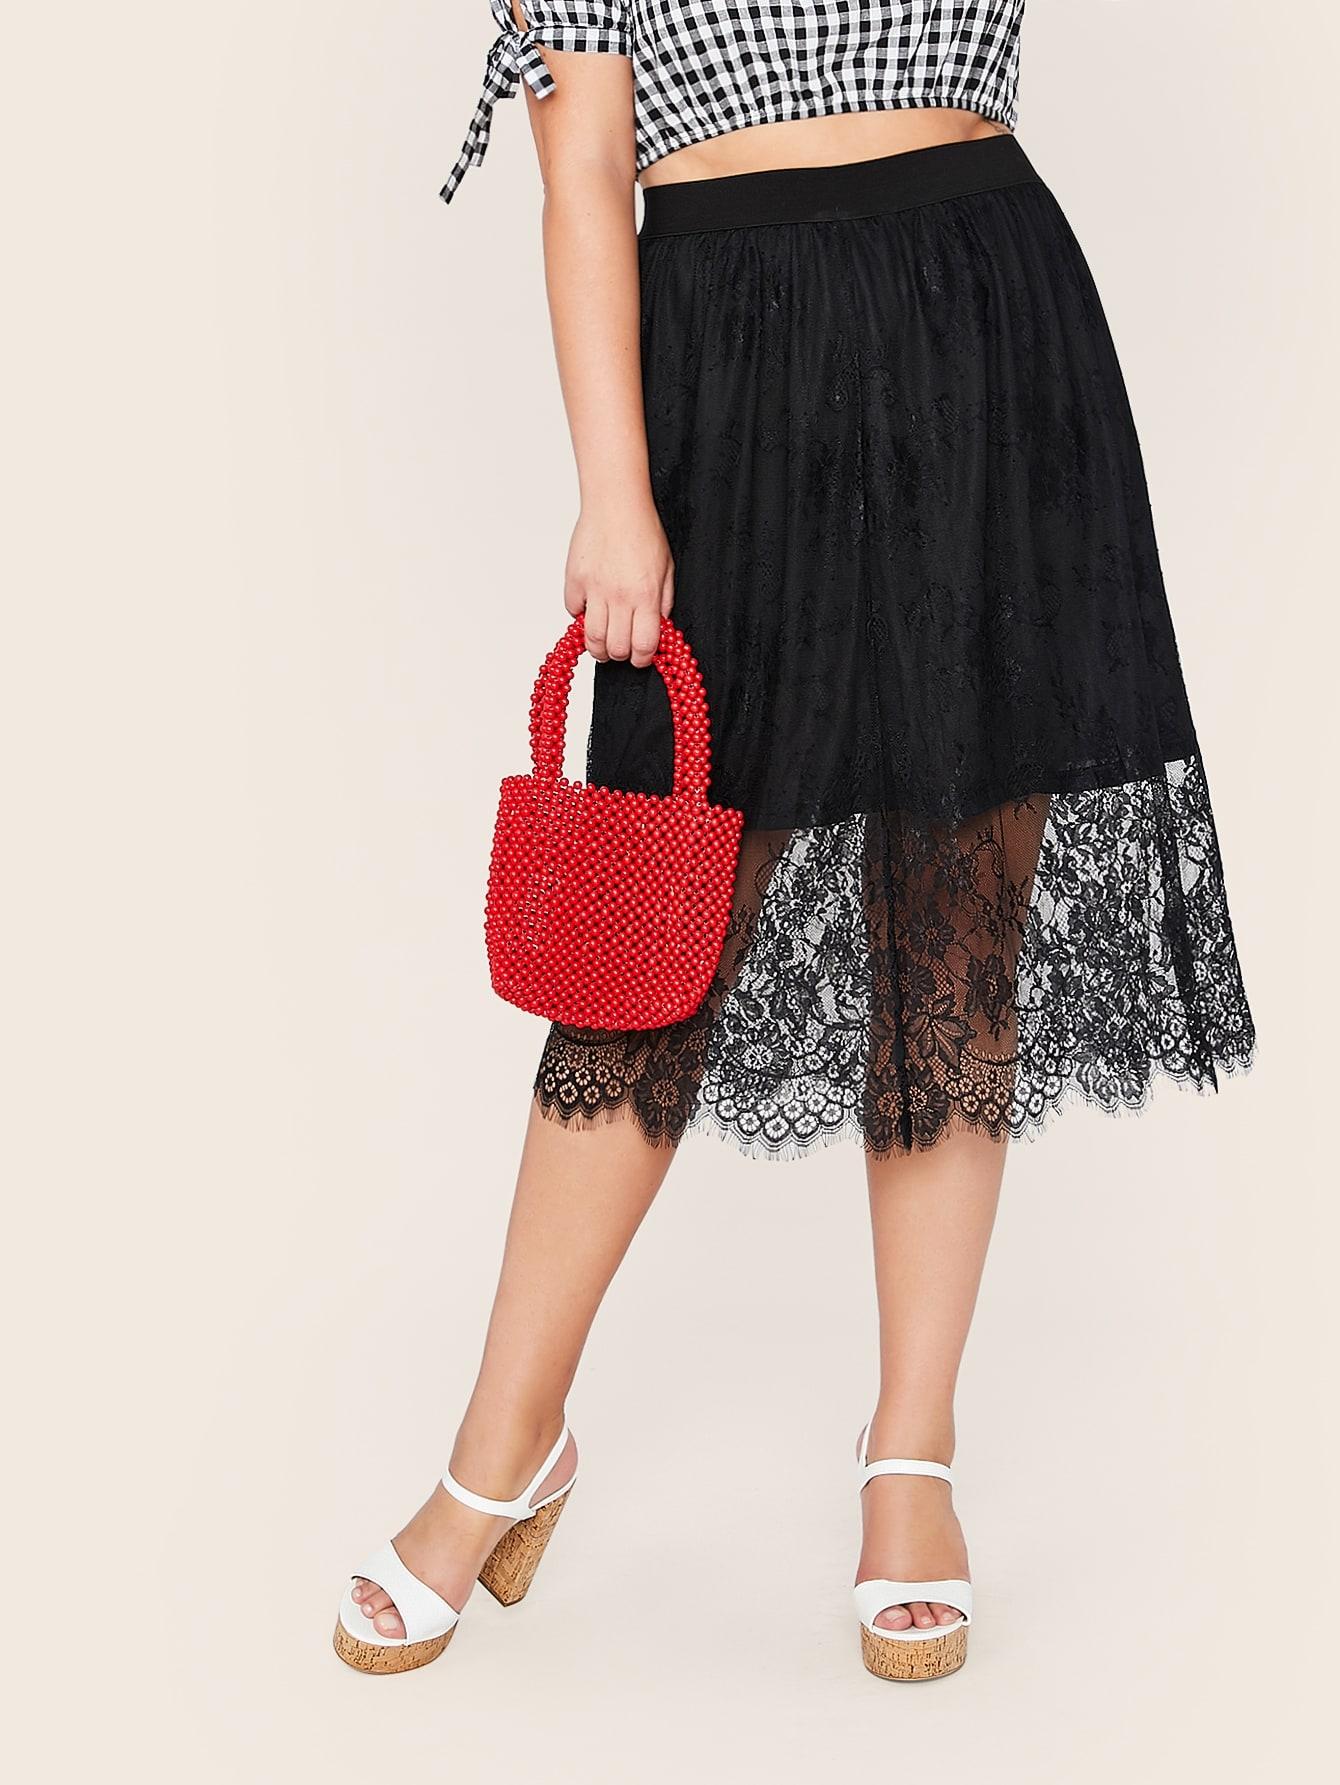 Фото - Однотонная юбка с кружевом размера плюс от SheIn цвет чёрные